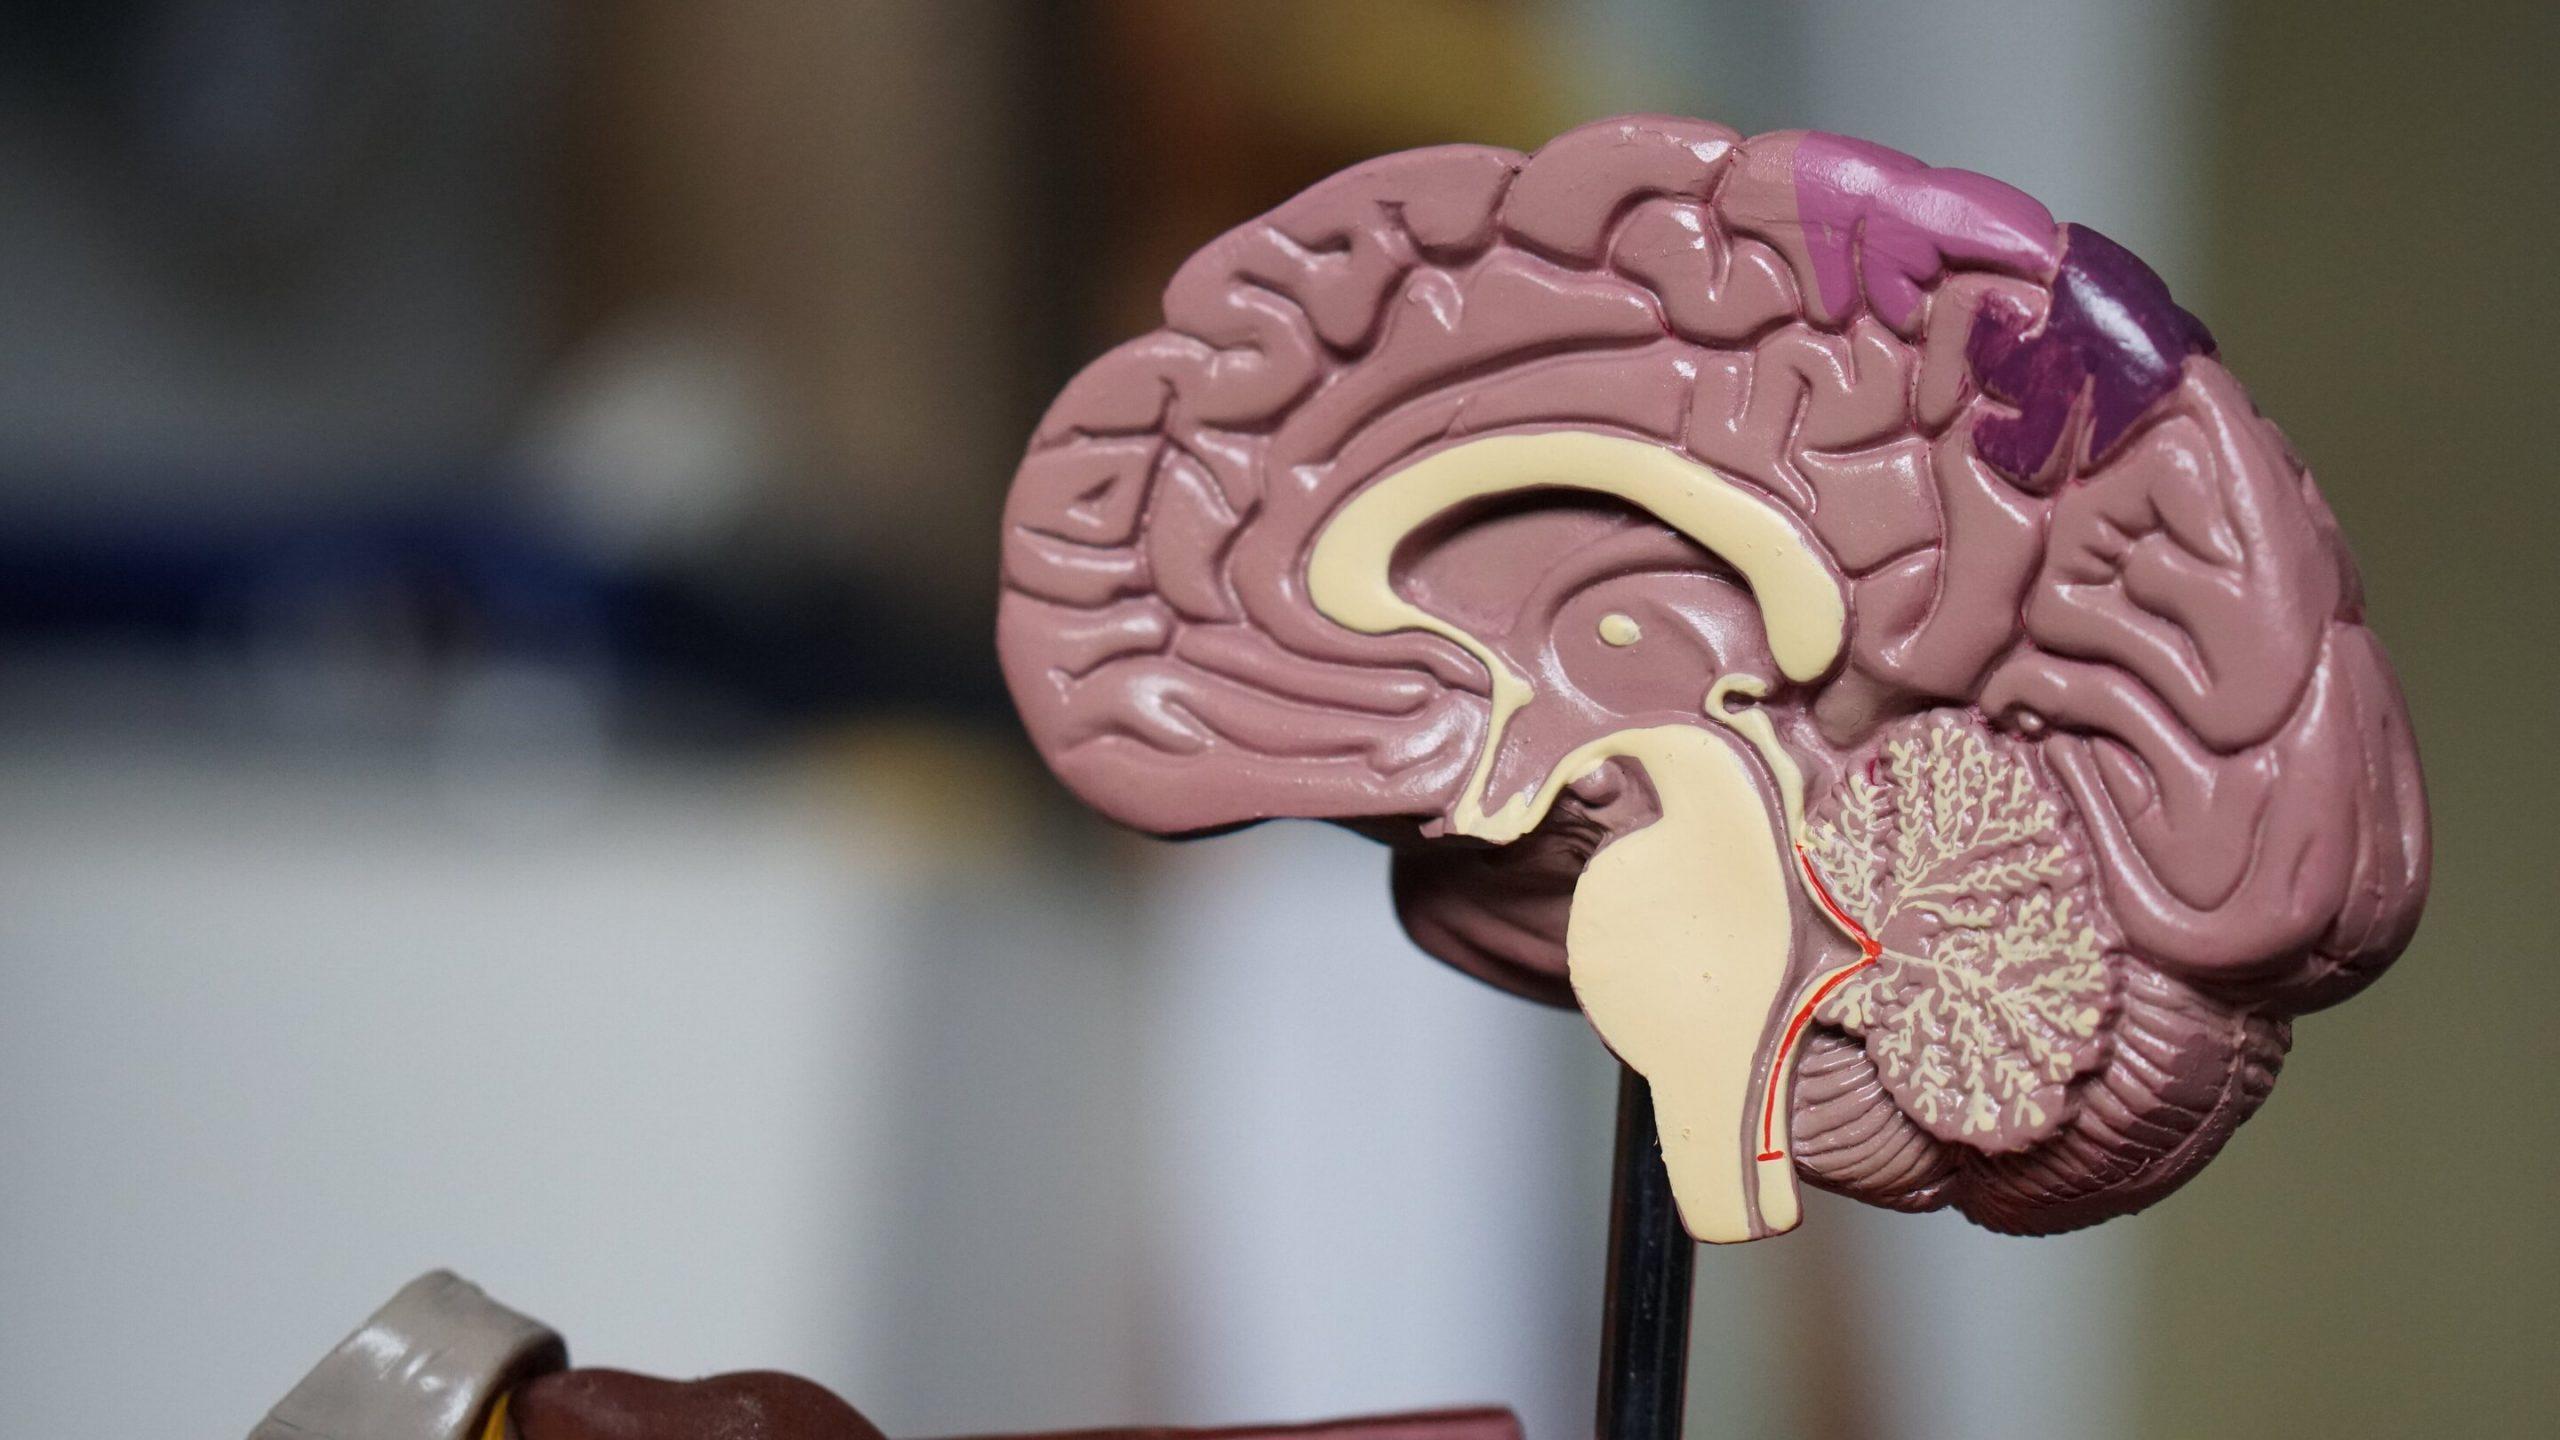 Forscher identifizieren wichtige Rolle von Immunzellen bei der Entwicklung des Gehirns